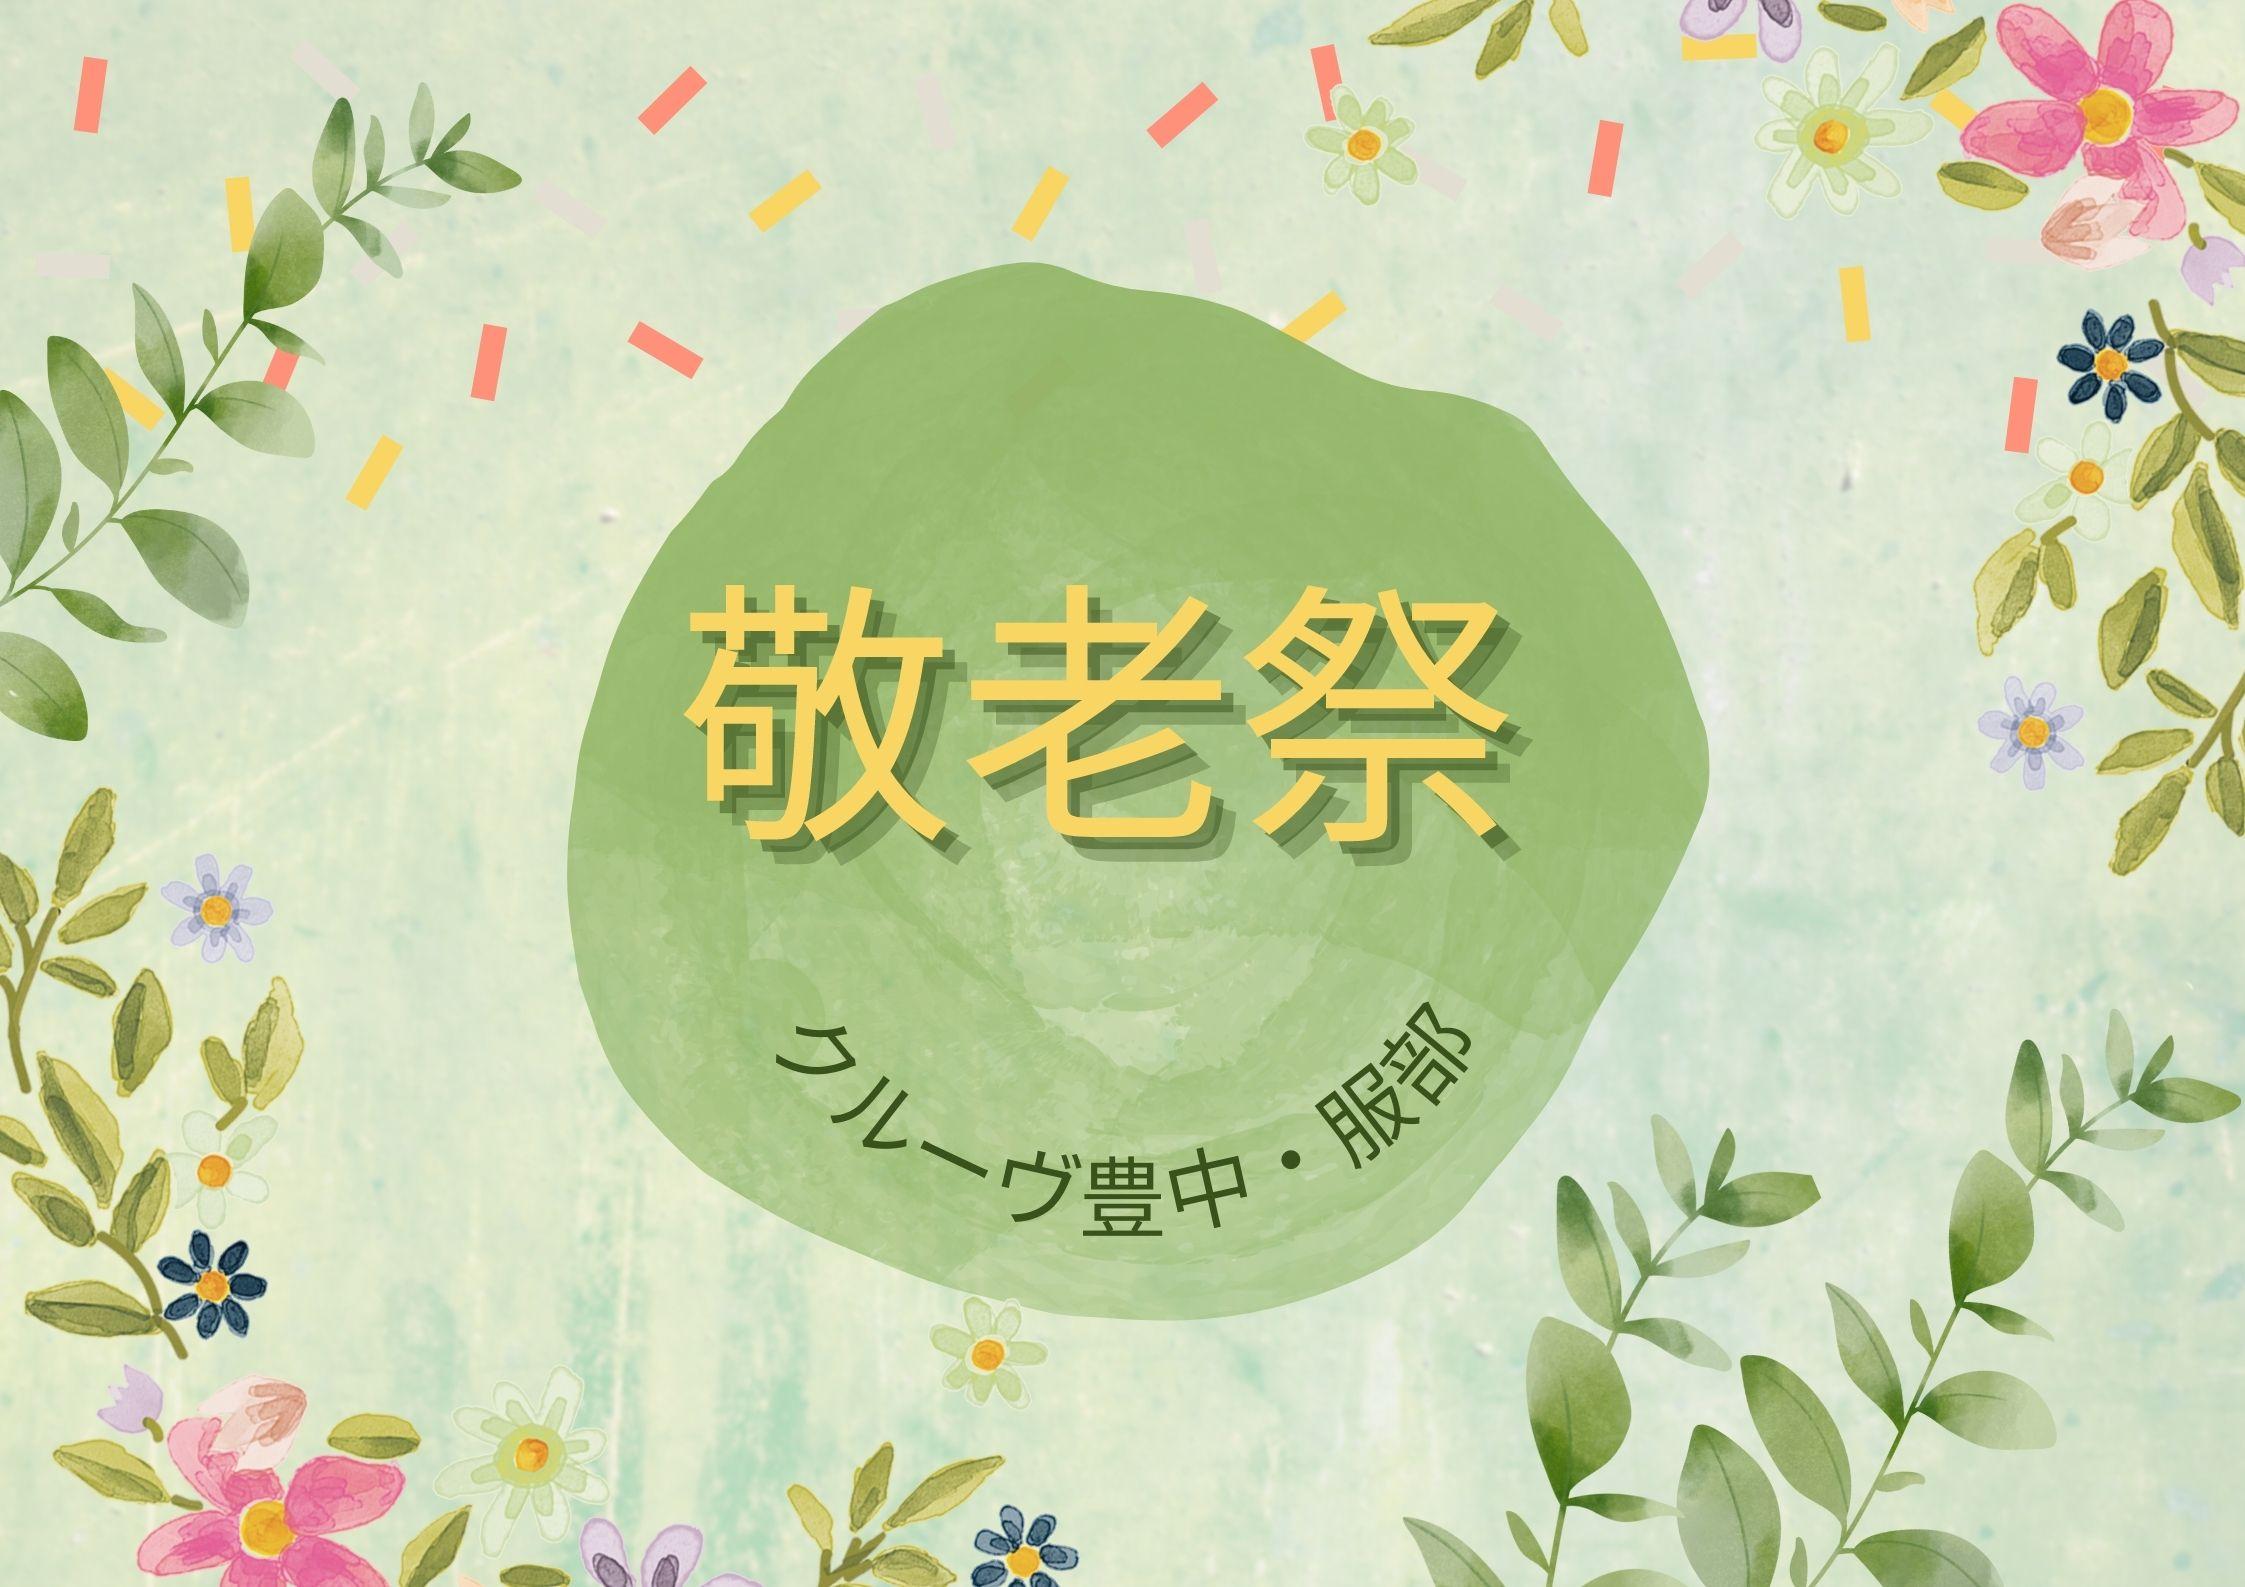 記事 久々のイベント!!敬老祭♪♪(豊中・服部)のアイキャッチ画像